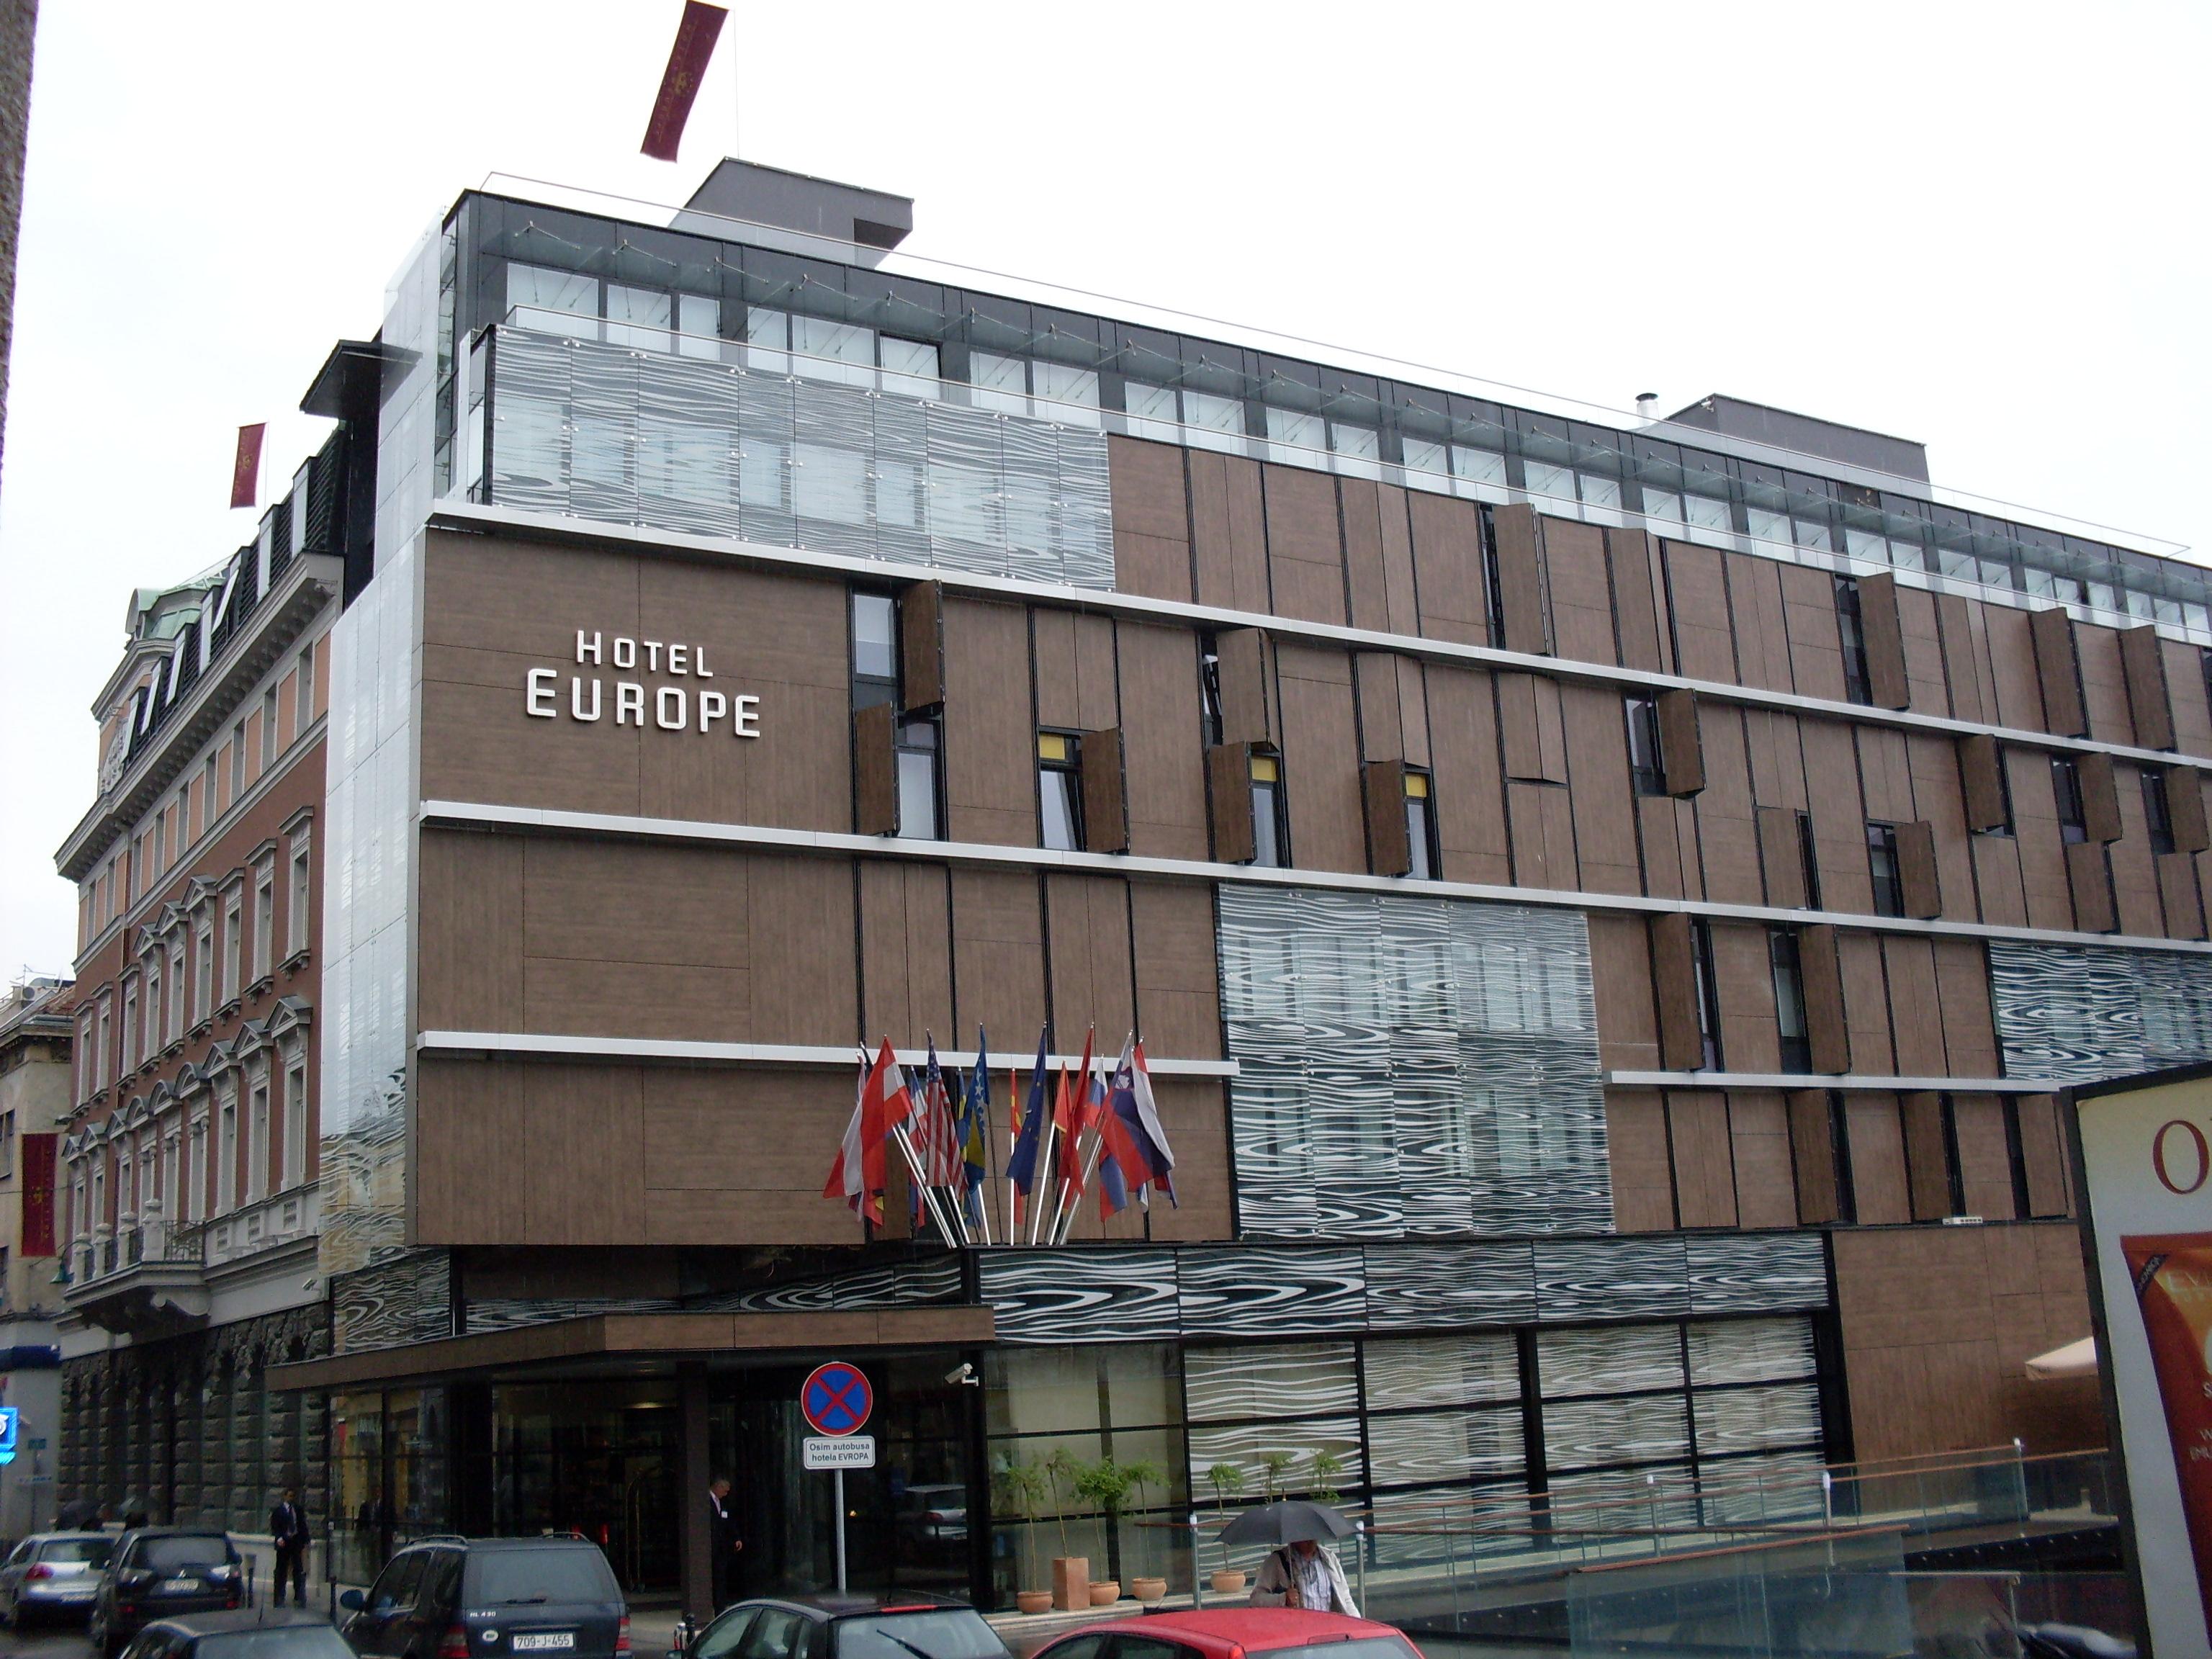 Hotel Europe Sarajevo Wikipedia